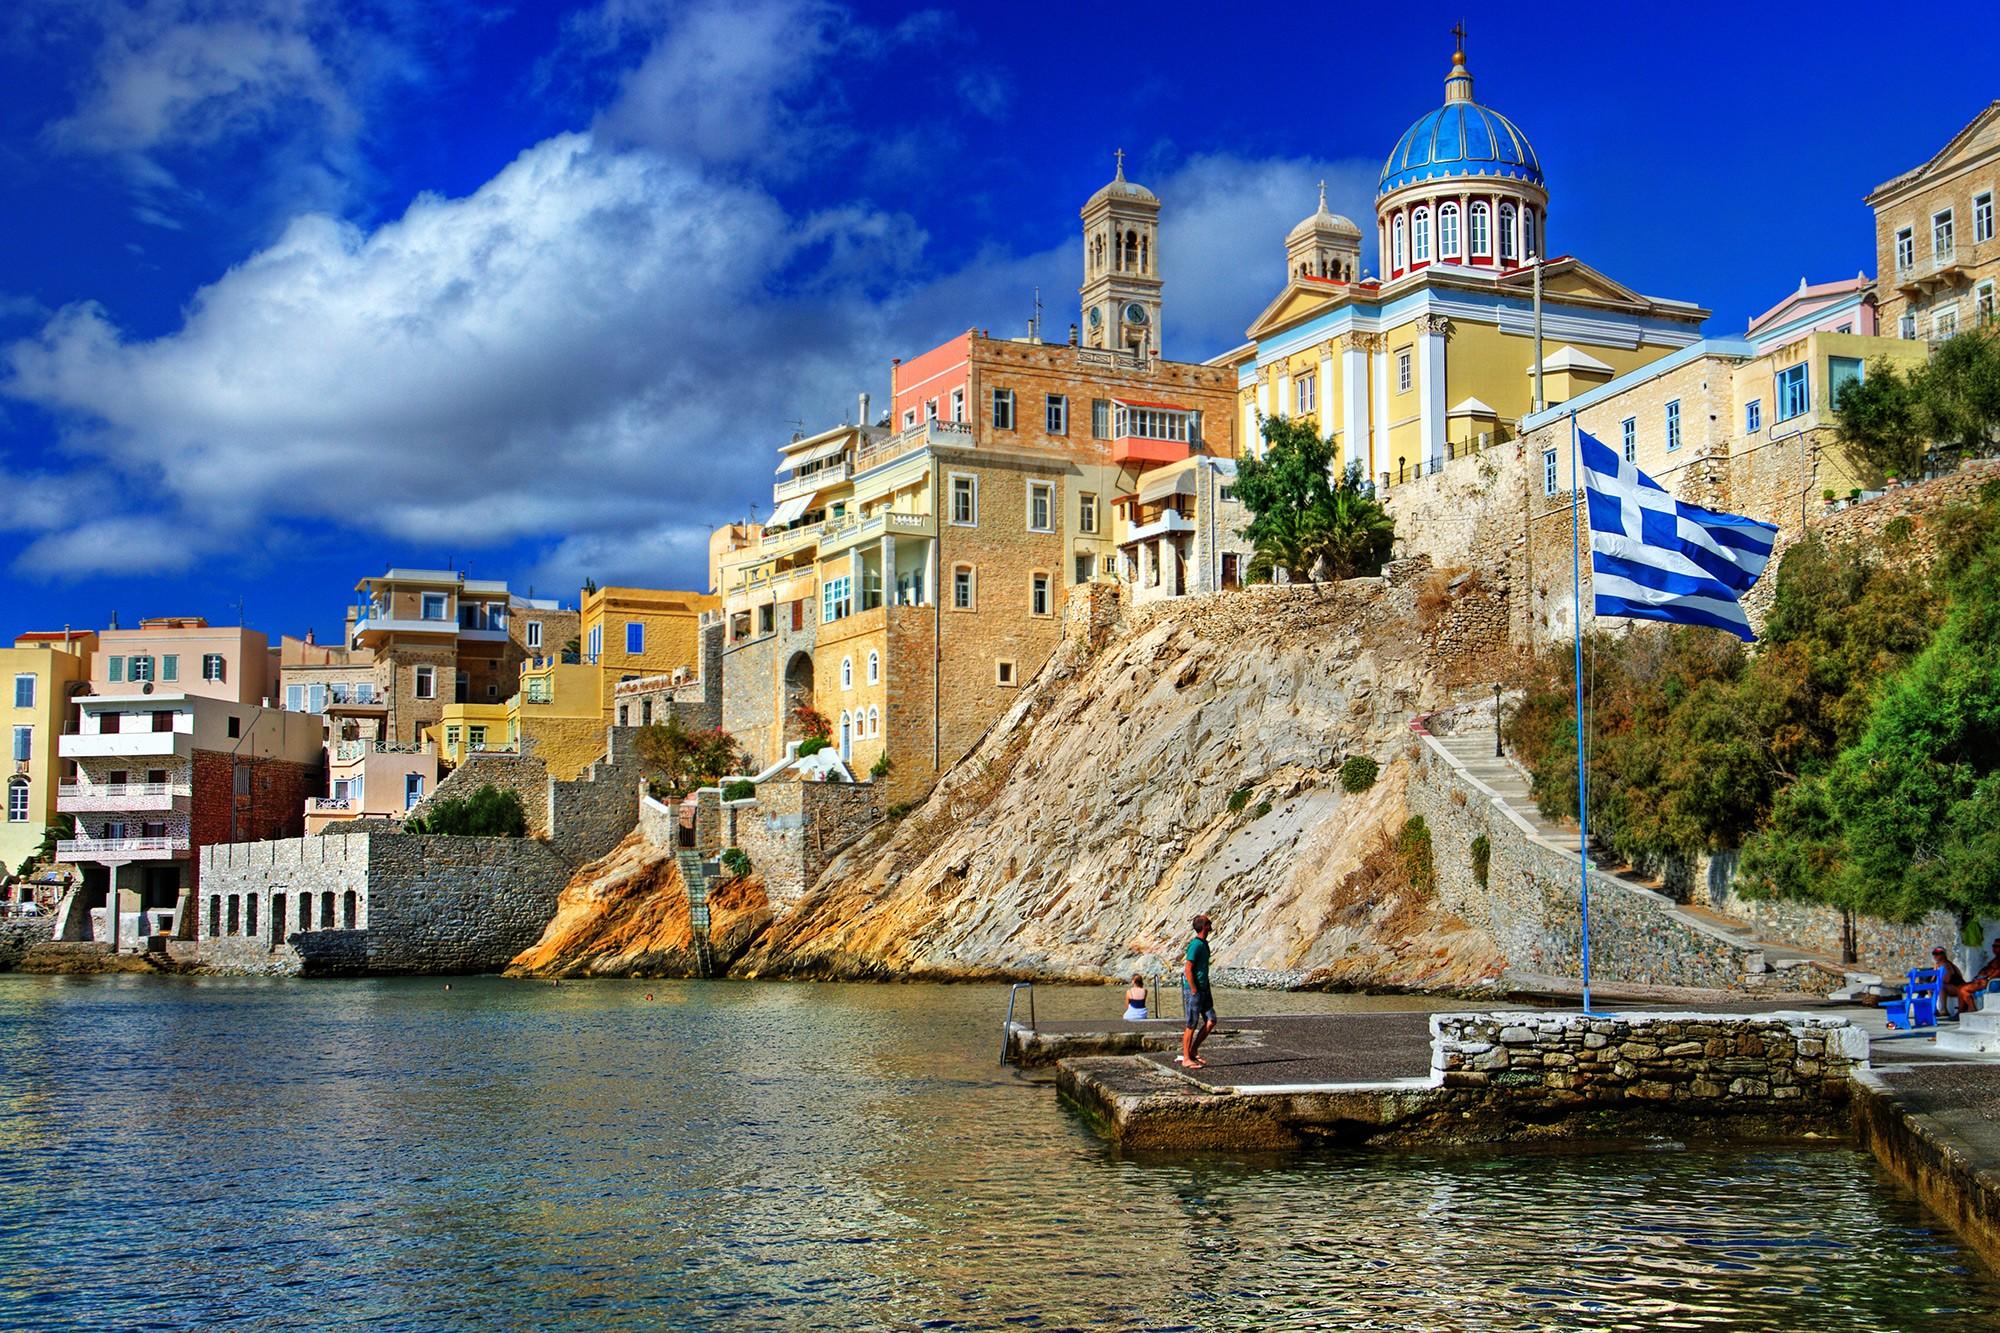 Греческая береговая охрана задержала буксир сшестью тоннами марихуаны